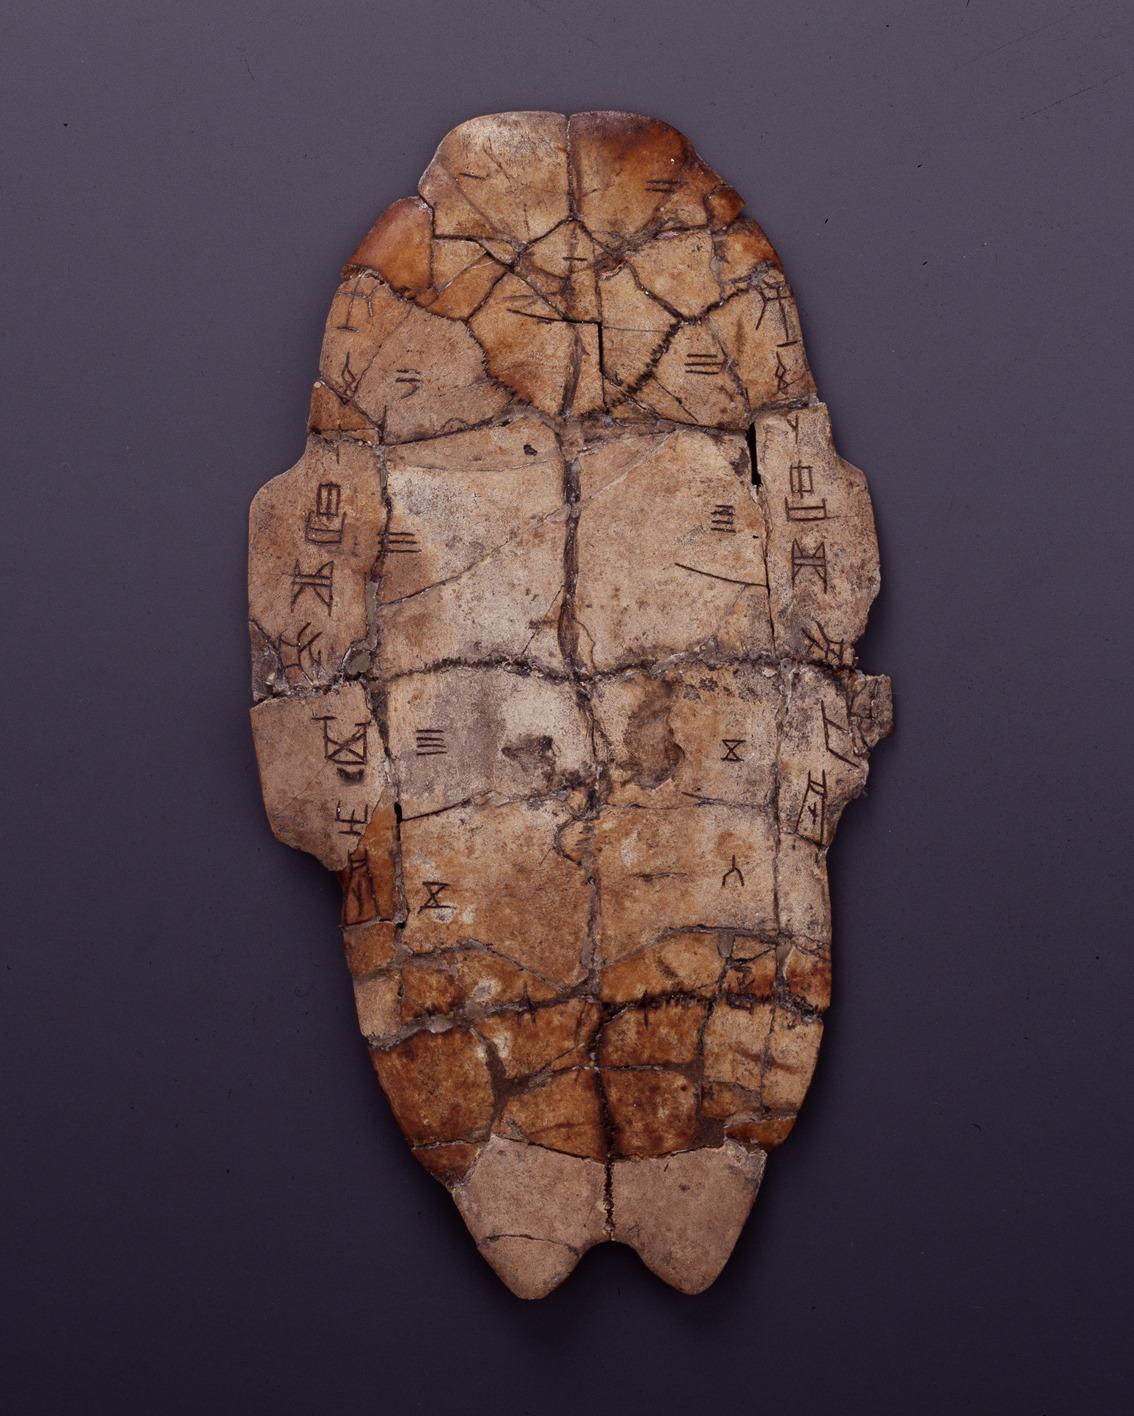 China comenzará conmemoración de 120° aniversario de descubrimiento de inscripciones en huesos de oráculo